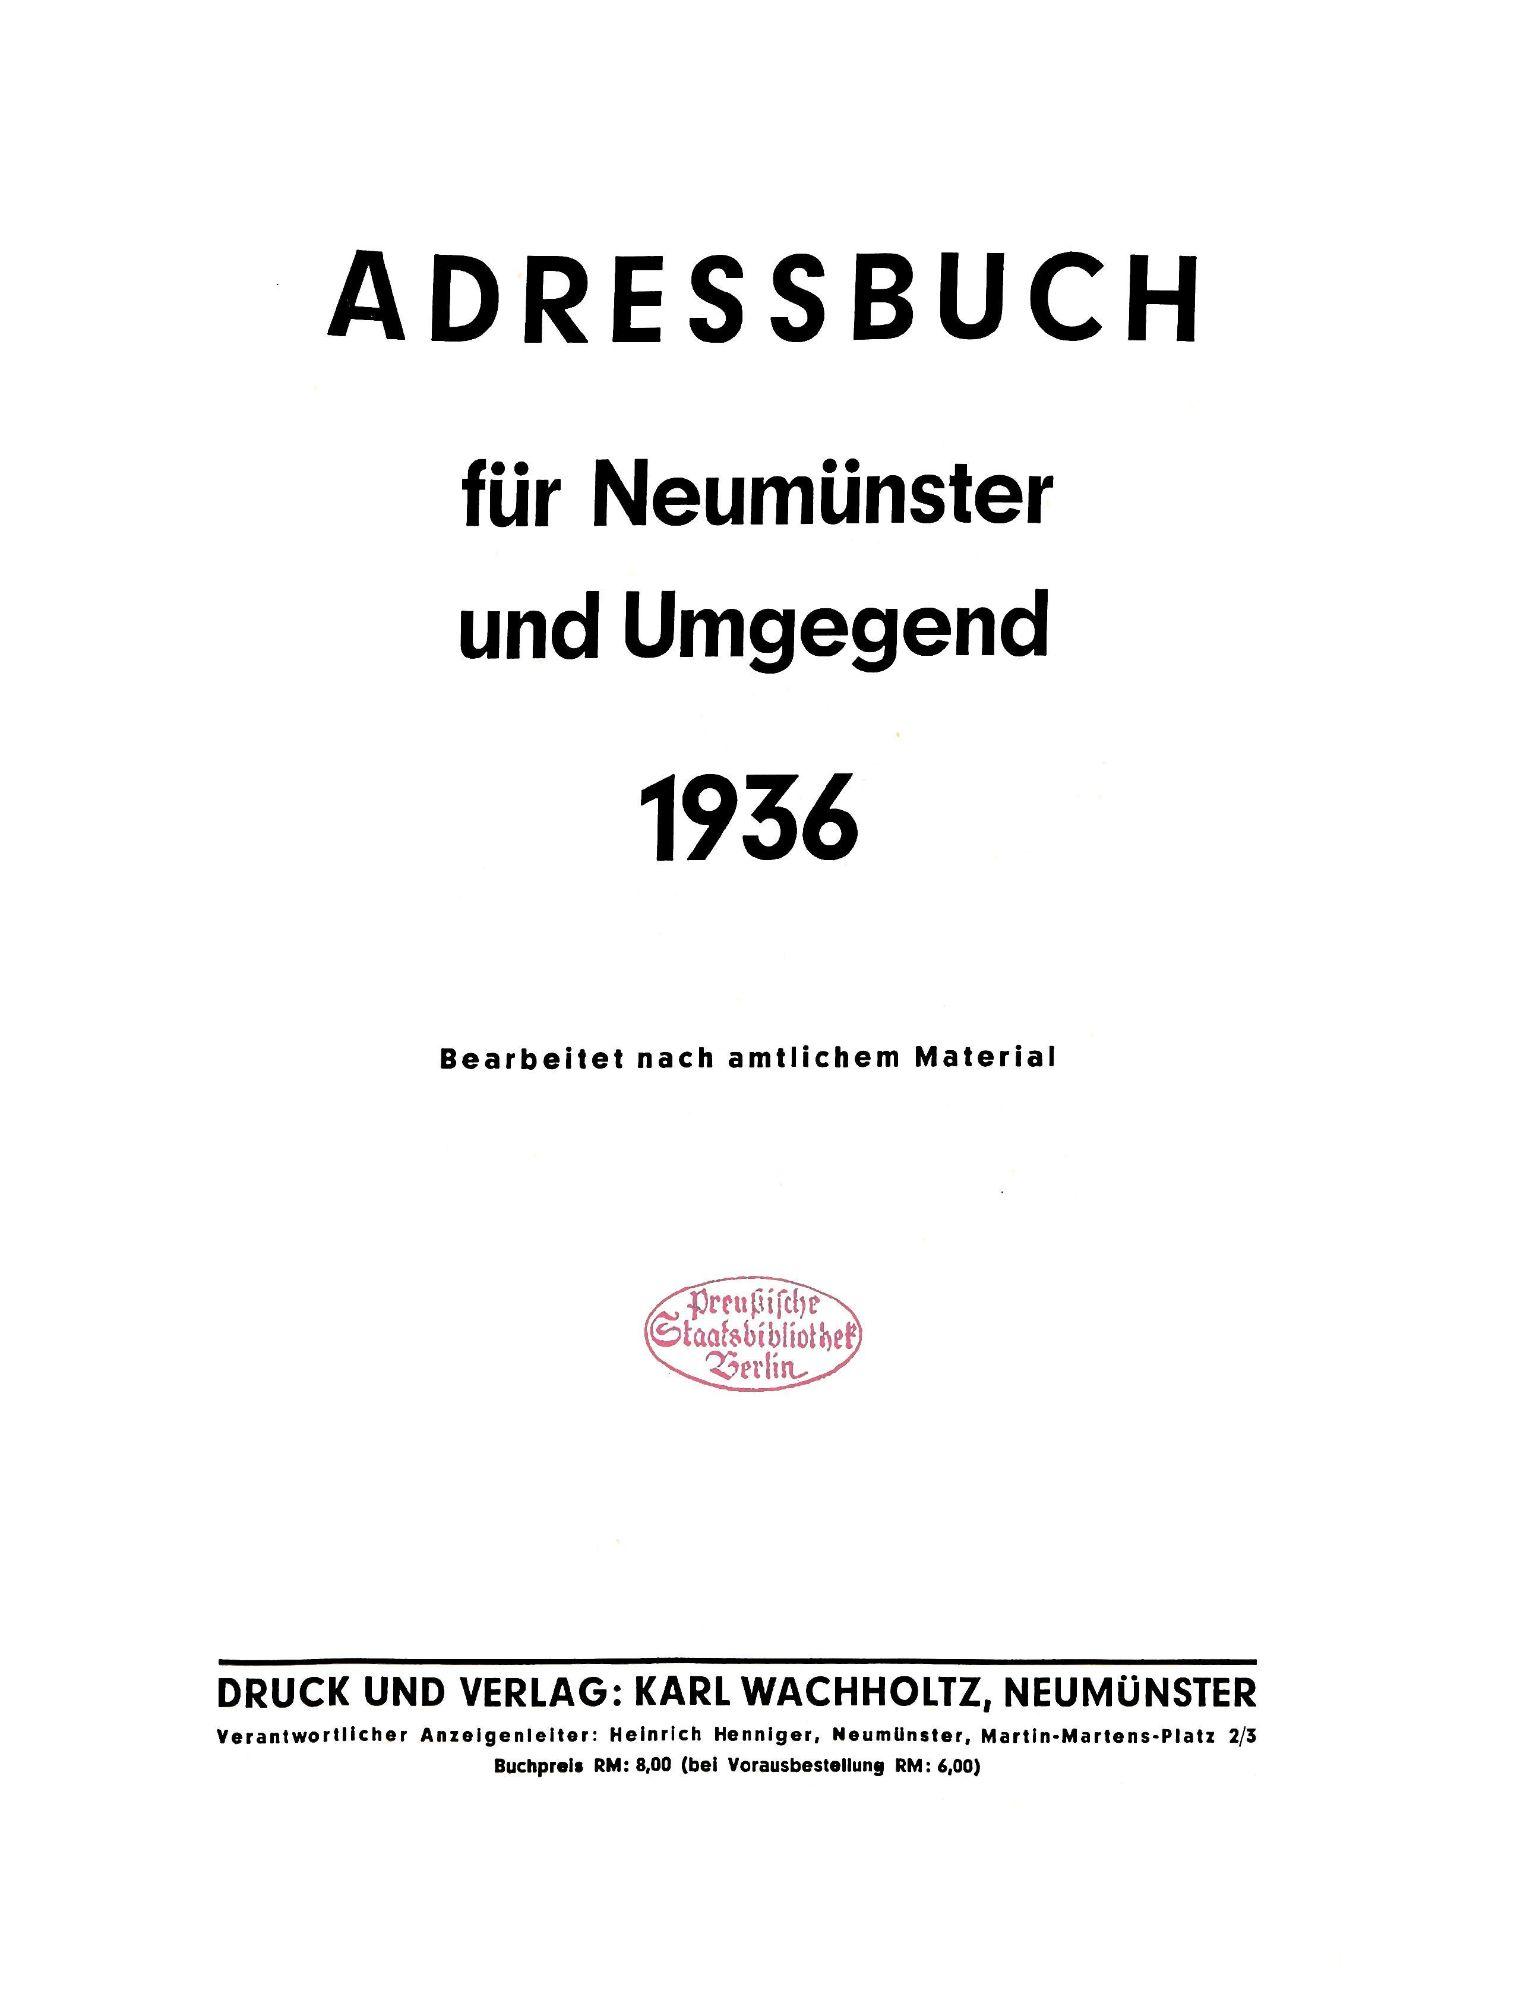 Adressbuch für Neumünster und Umgegend 1936